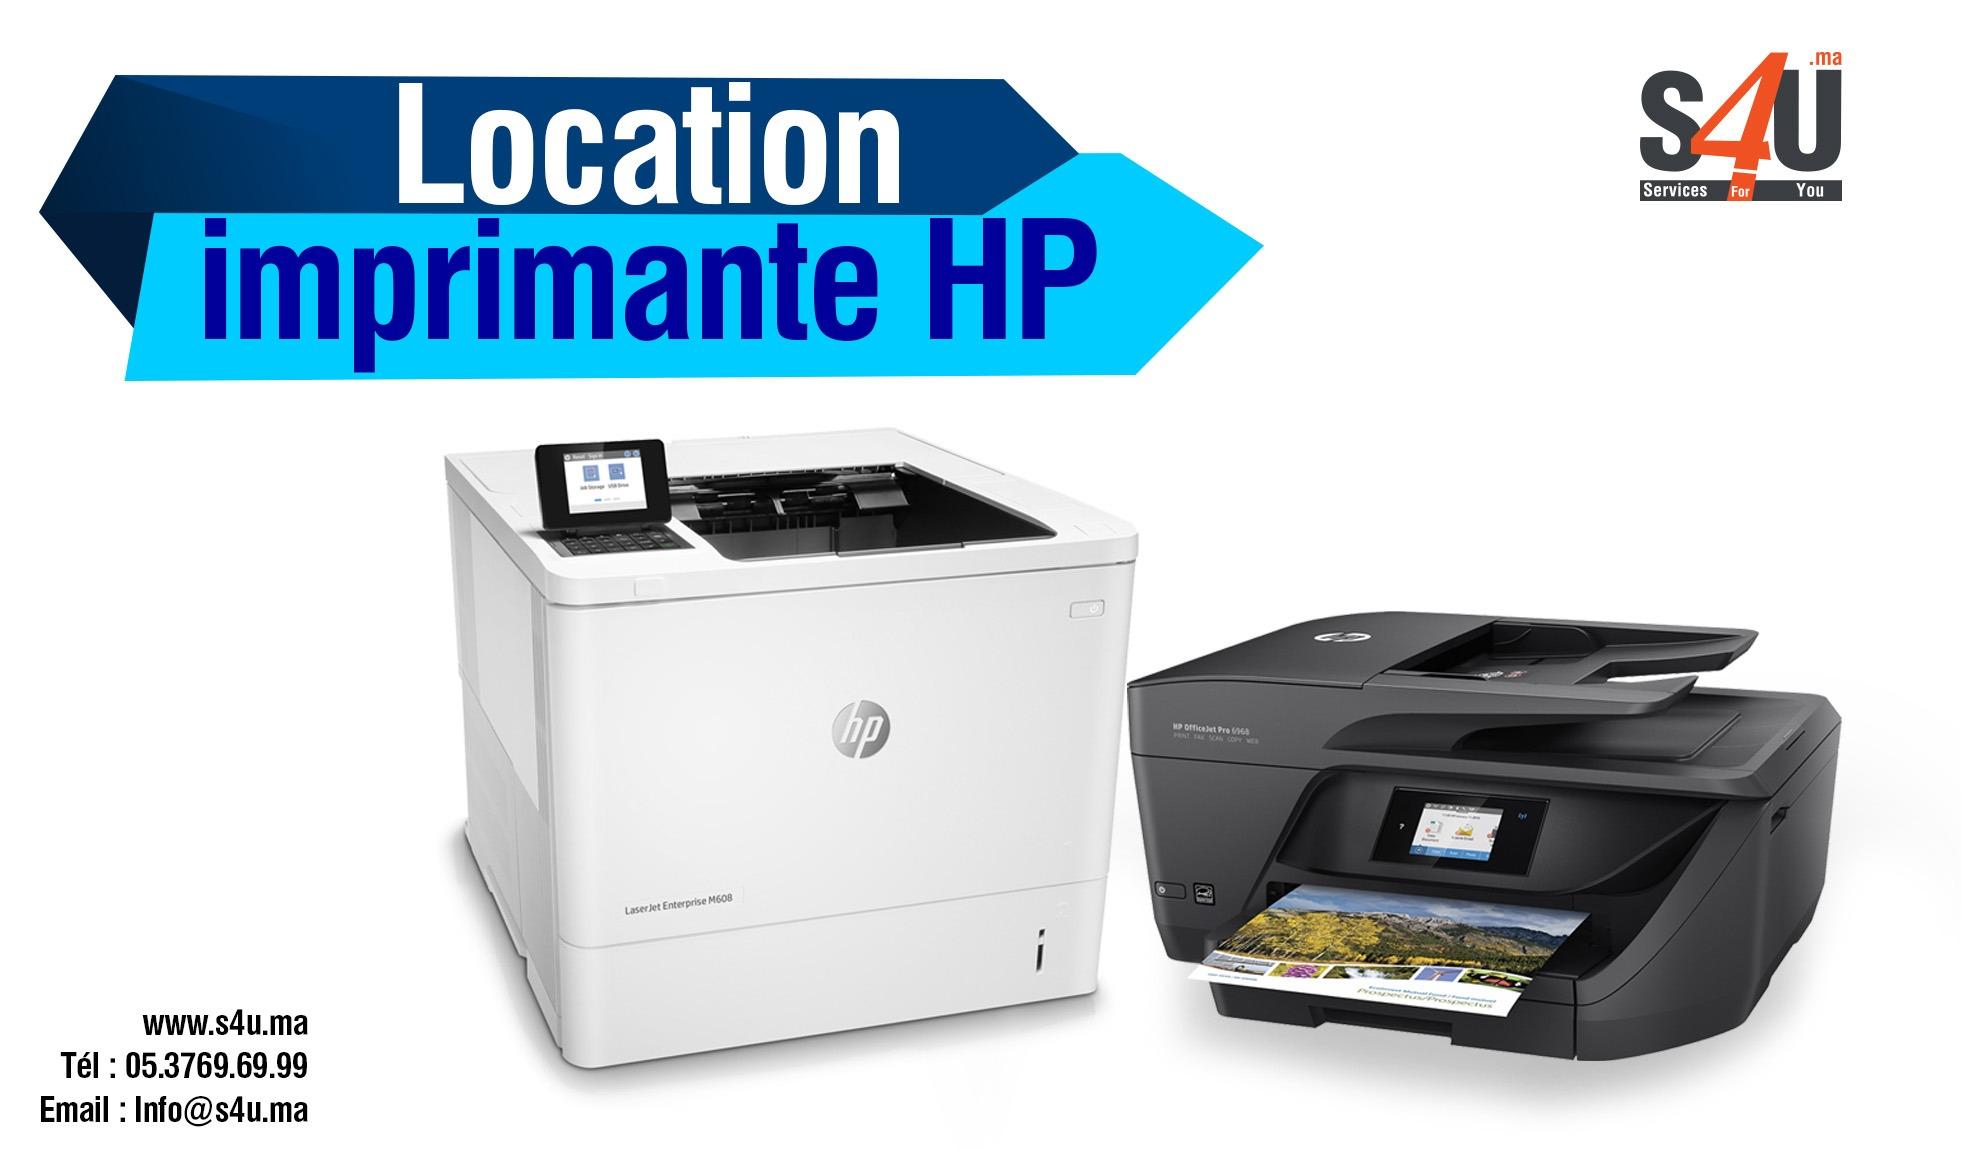 Location des imprimantes Hp